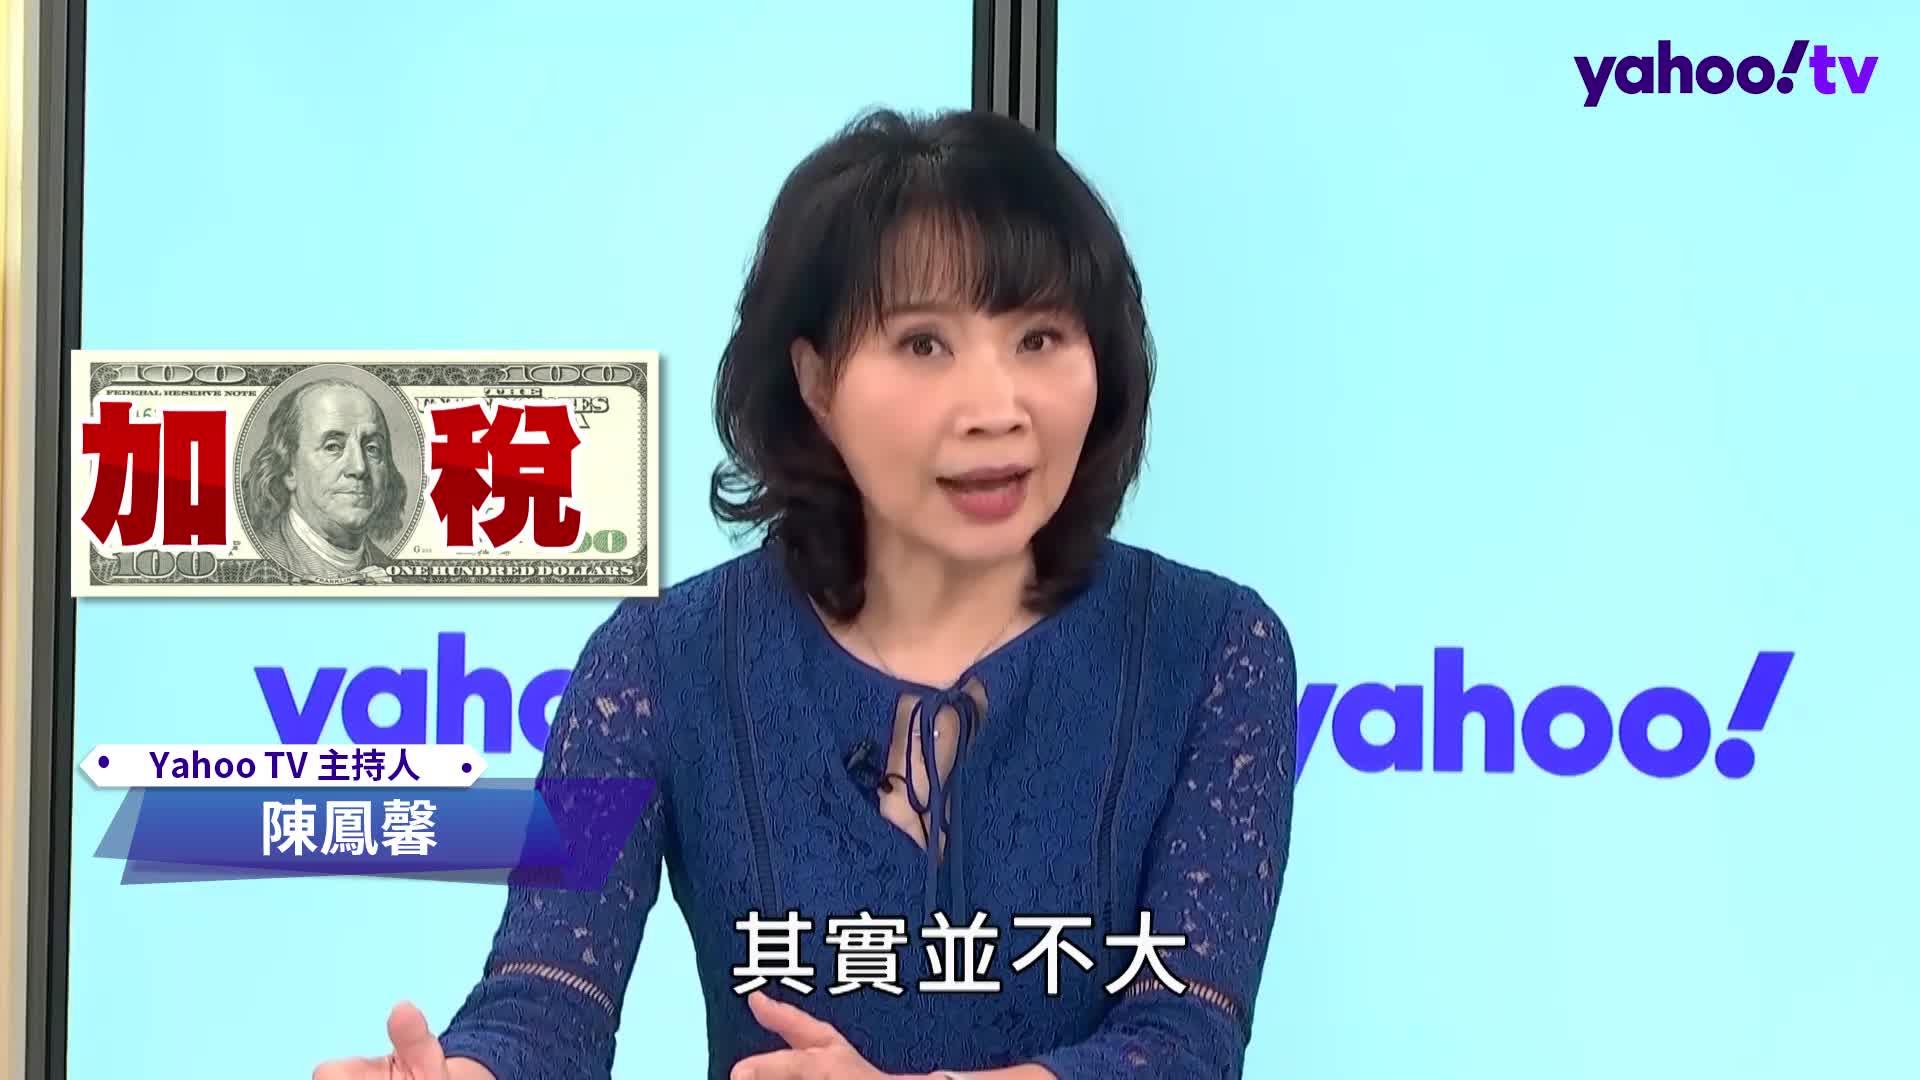 把中國當敵人 陳鳳馨:拜登才能推動大政府擴權